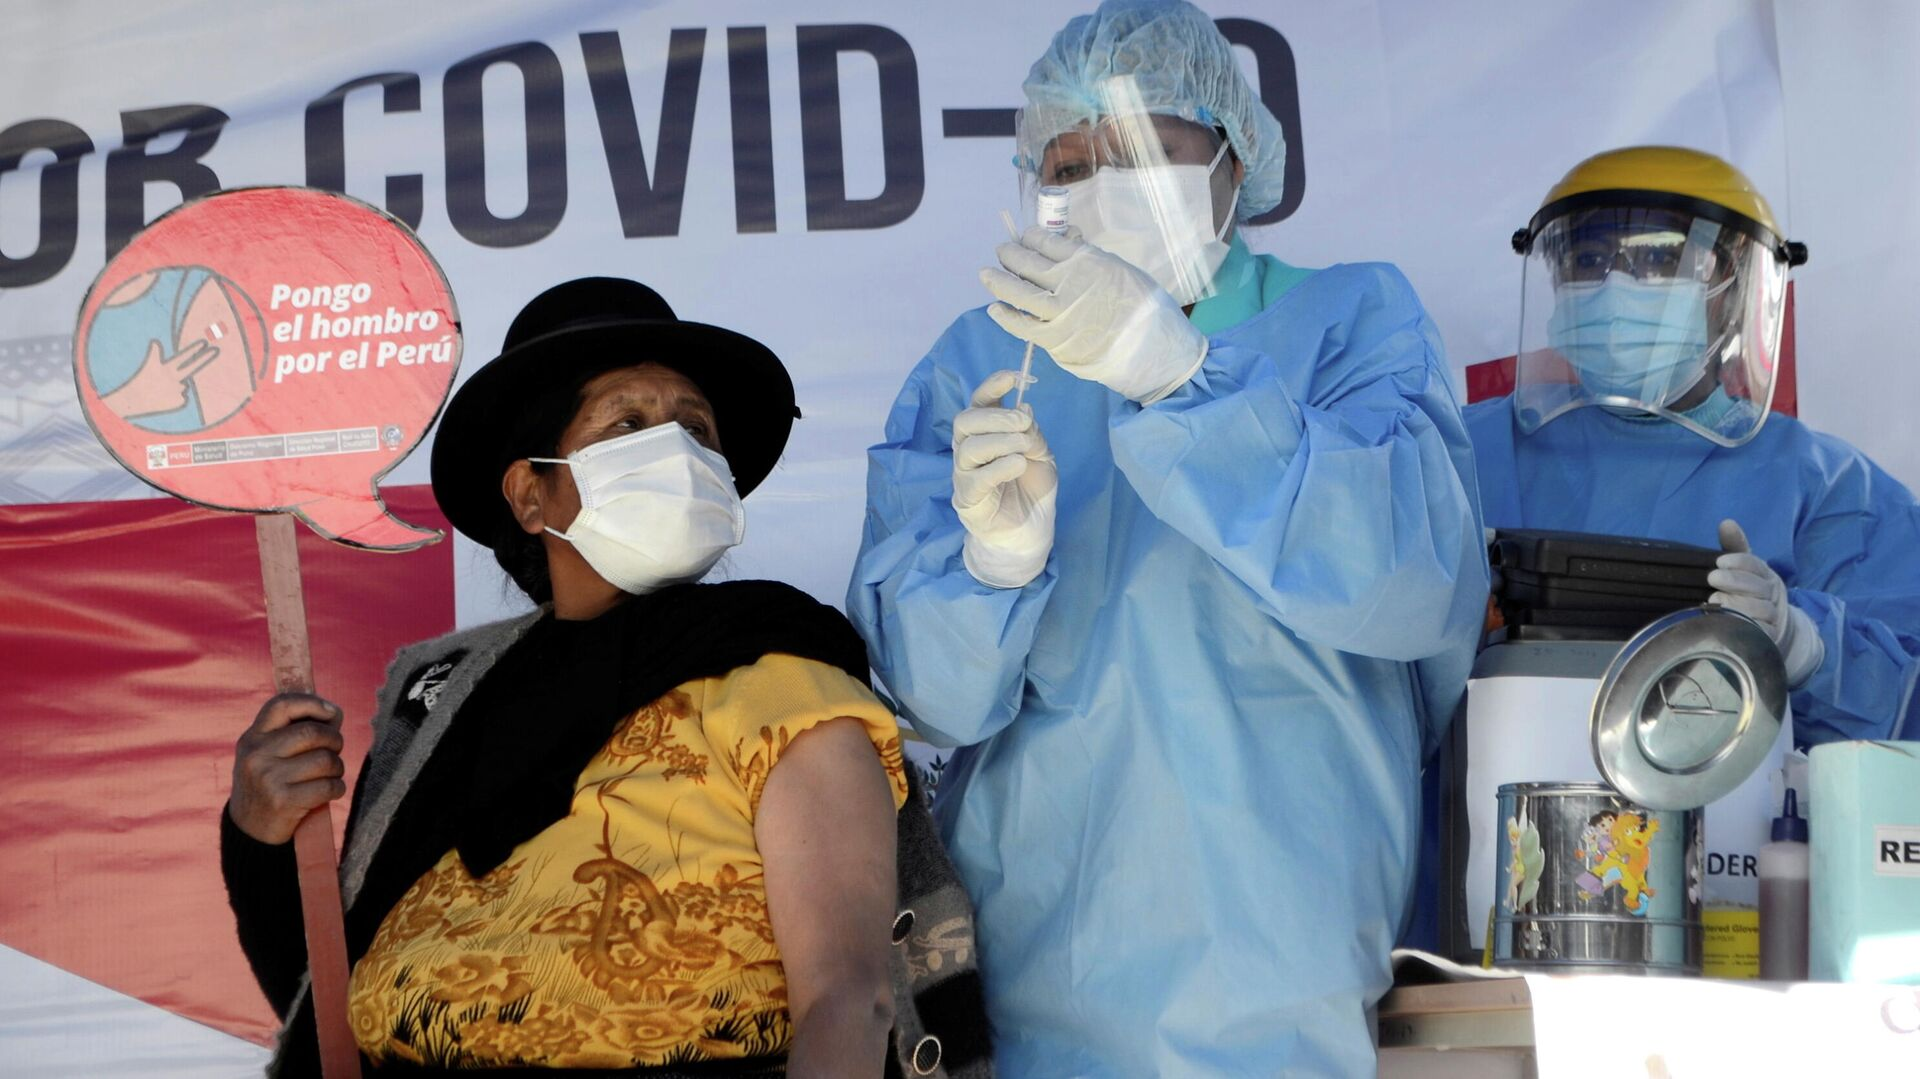 Vacunación en Bolivia - Sputnik Mundo, 1920, 23.06.2021